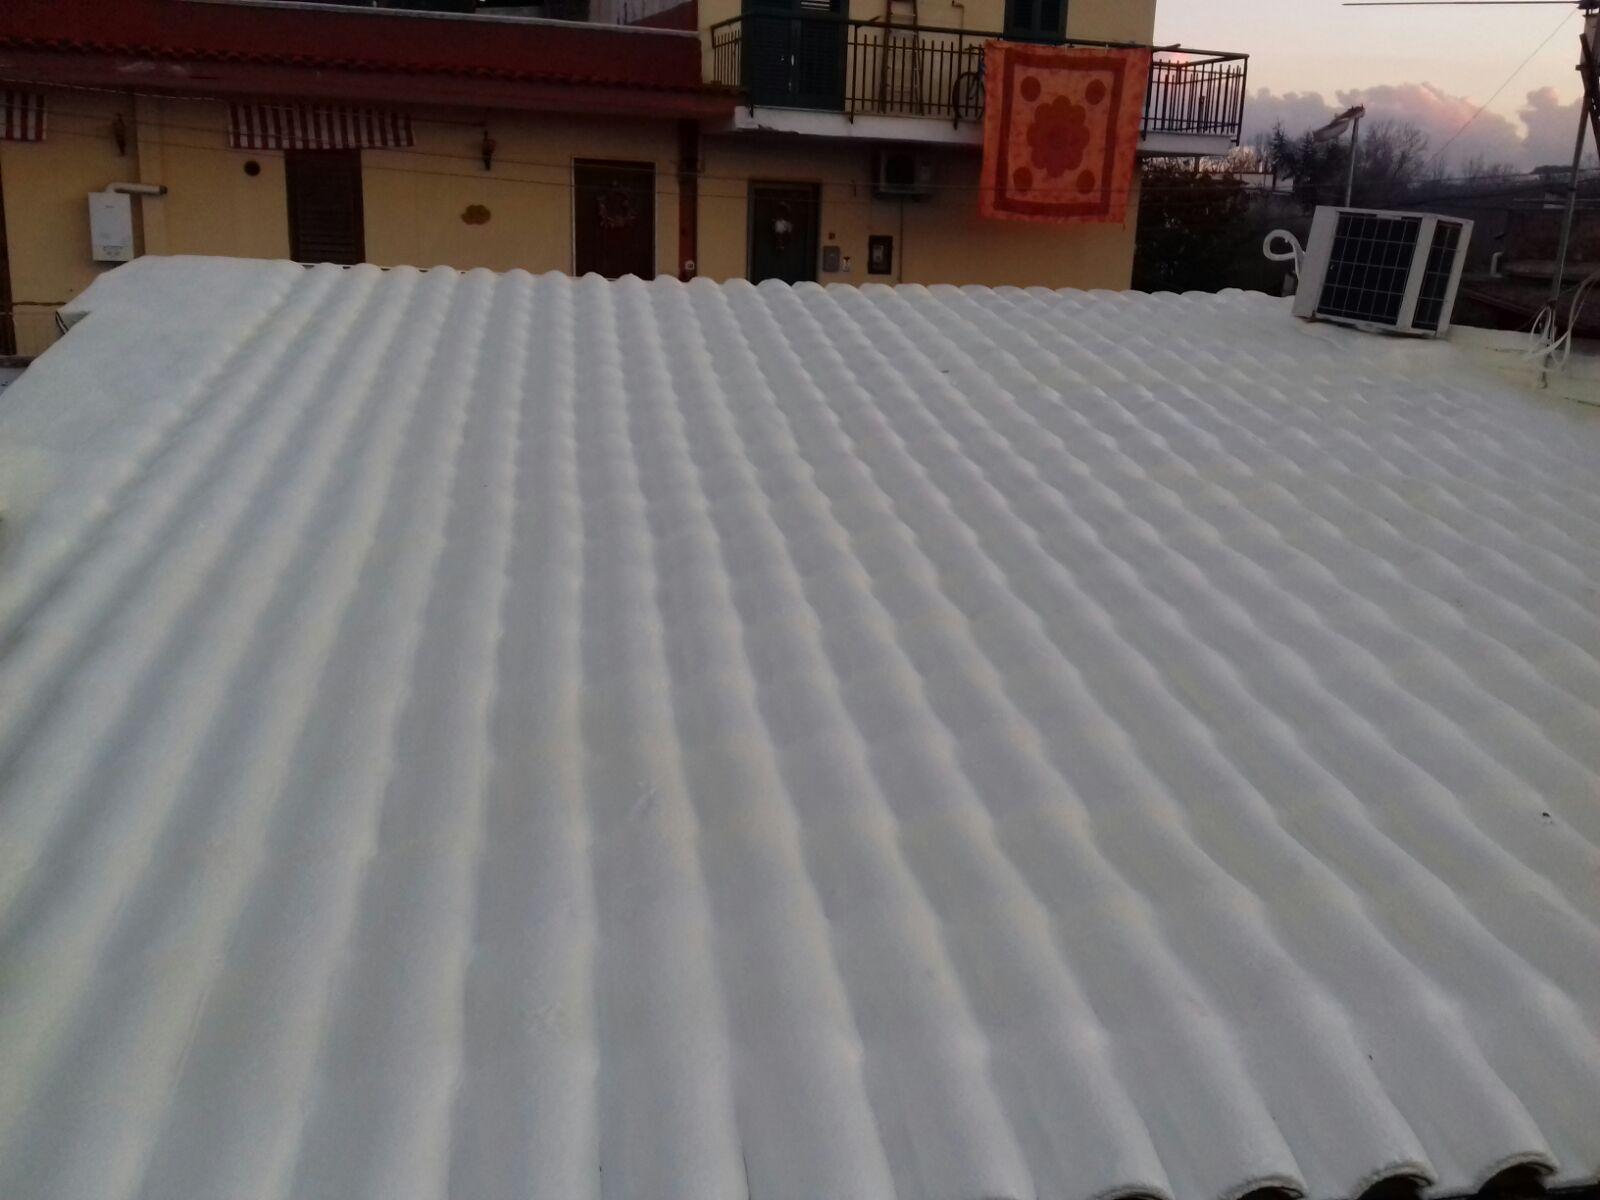 Impermeabilizzazione e isolamento termico con schiuma poliuretanica sopra tegole